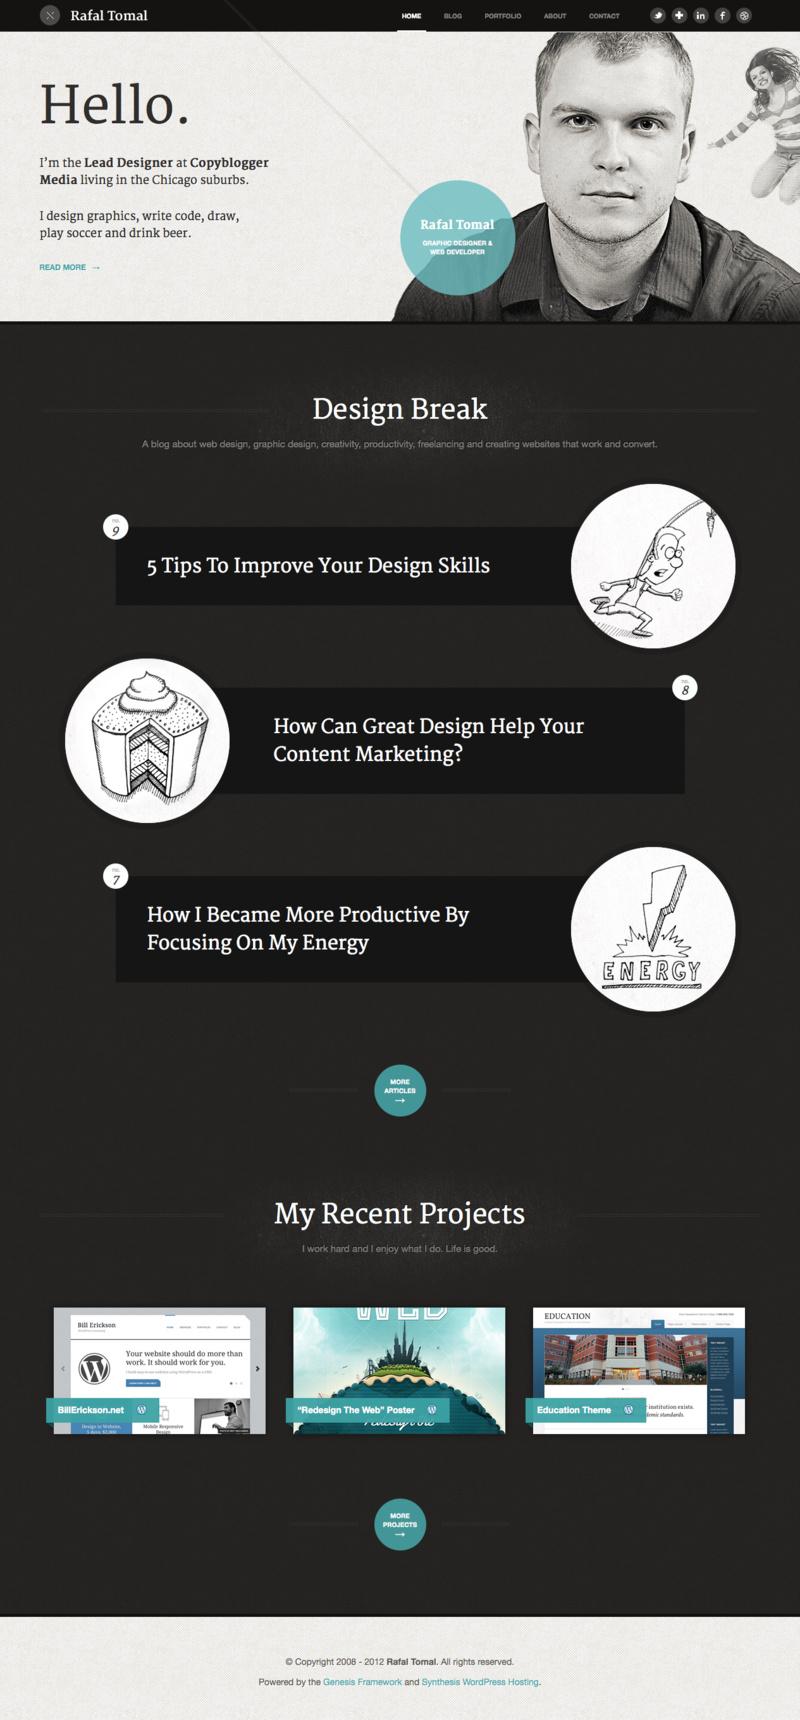 Руководство веб дизайну рафал томал